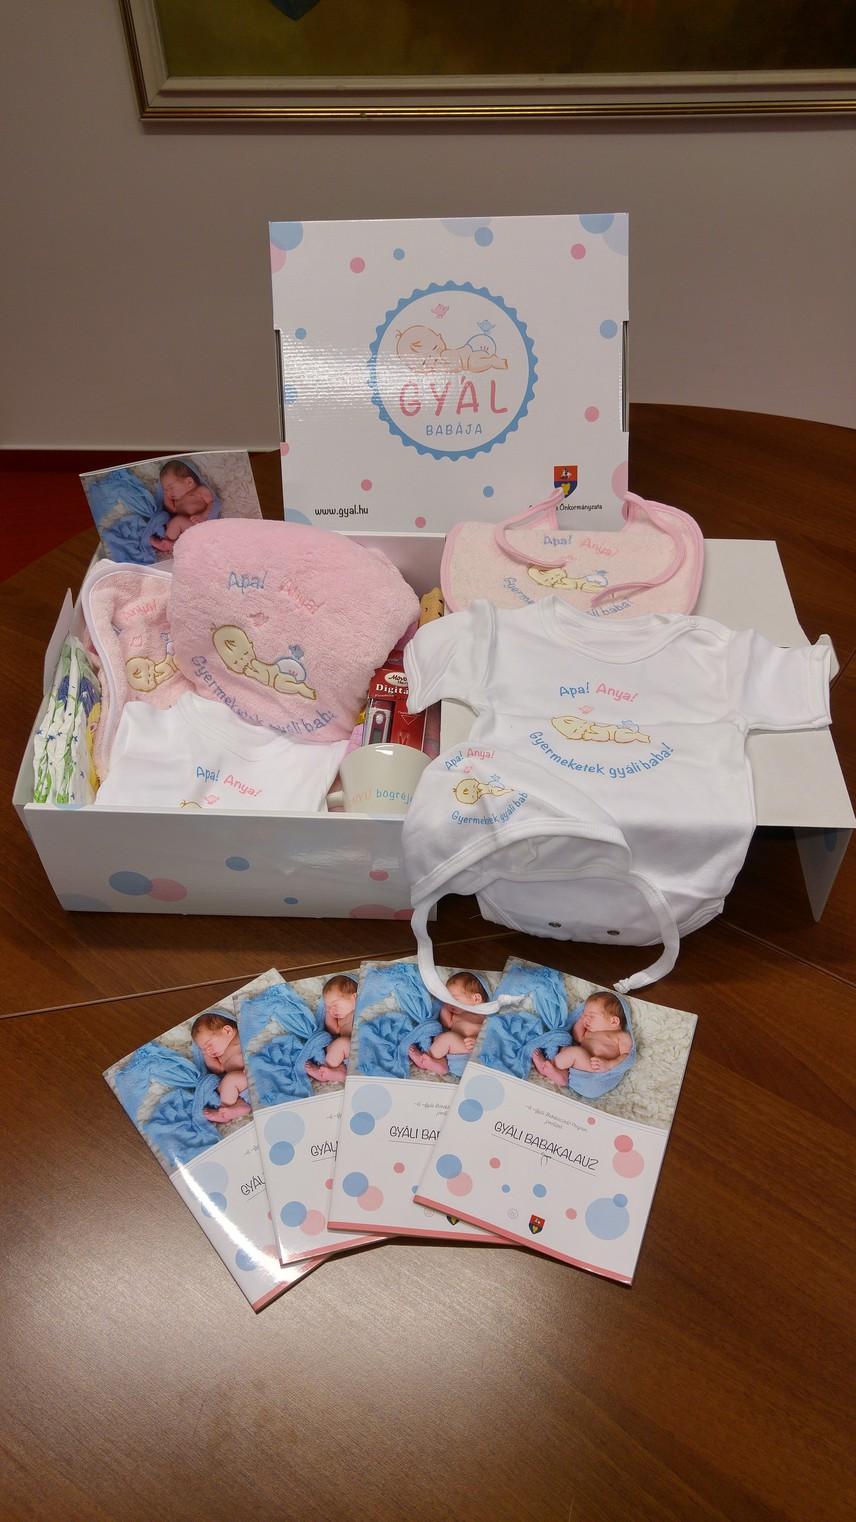 """A csomagban van egy csomag pelenka, digitális hőmérő, takaró, törülköző, 62-es méretű body, 74-es méretű body, partedli, sapka, textilpelenka, és egy darab bögre """"Anyuka vagyok"""" felirattal. Ezek mellett egy anyukáknak szóló kiadvány is kerül a babacsomagokba."""